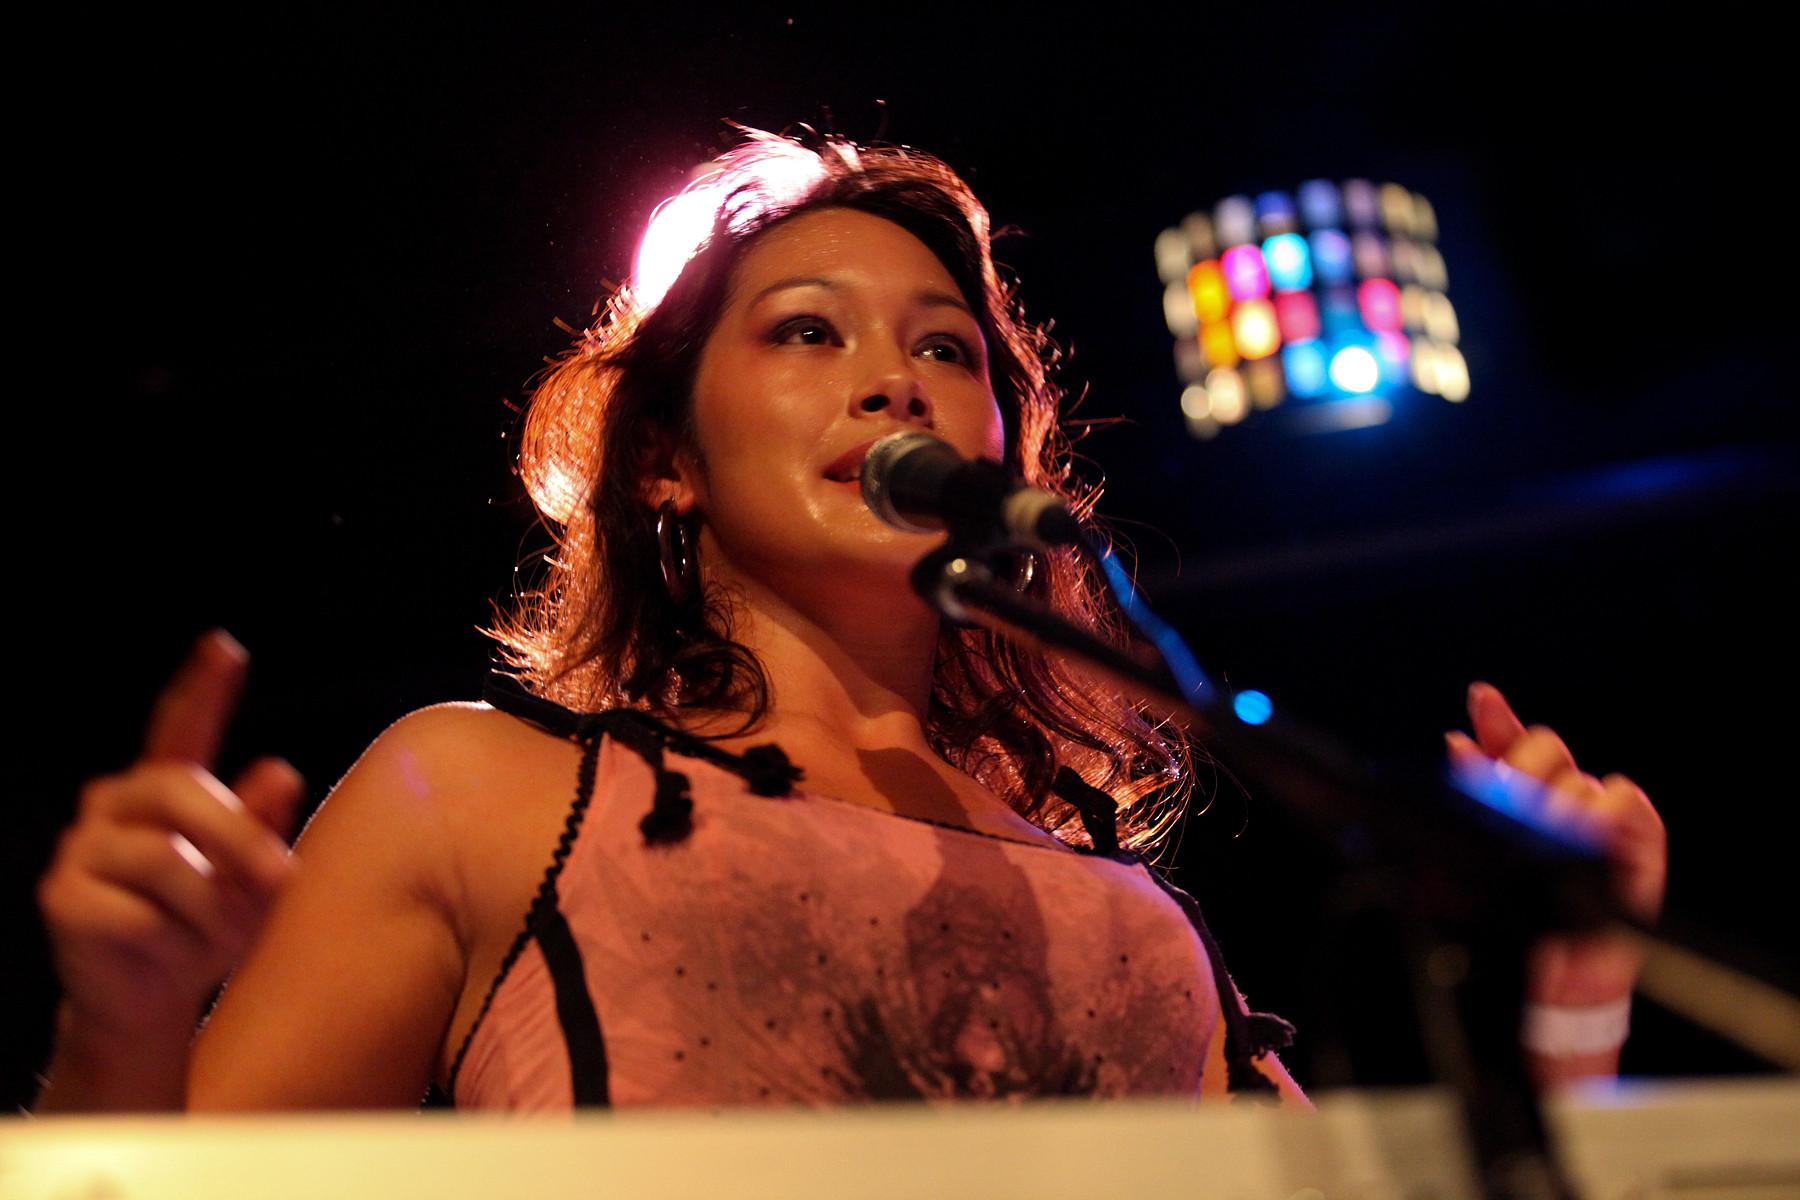 Melinda Soochan @ Indie Week 2010